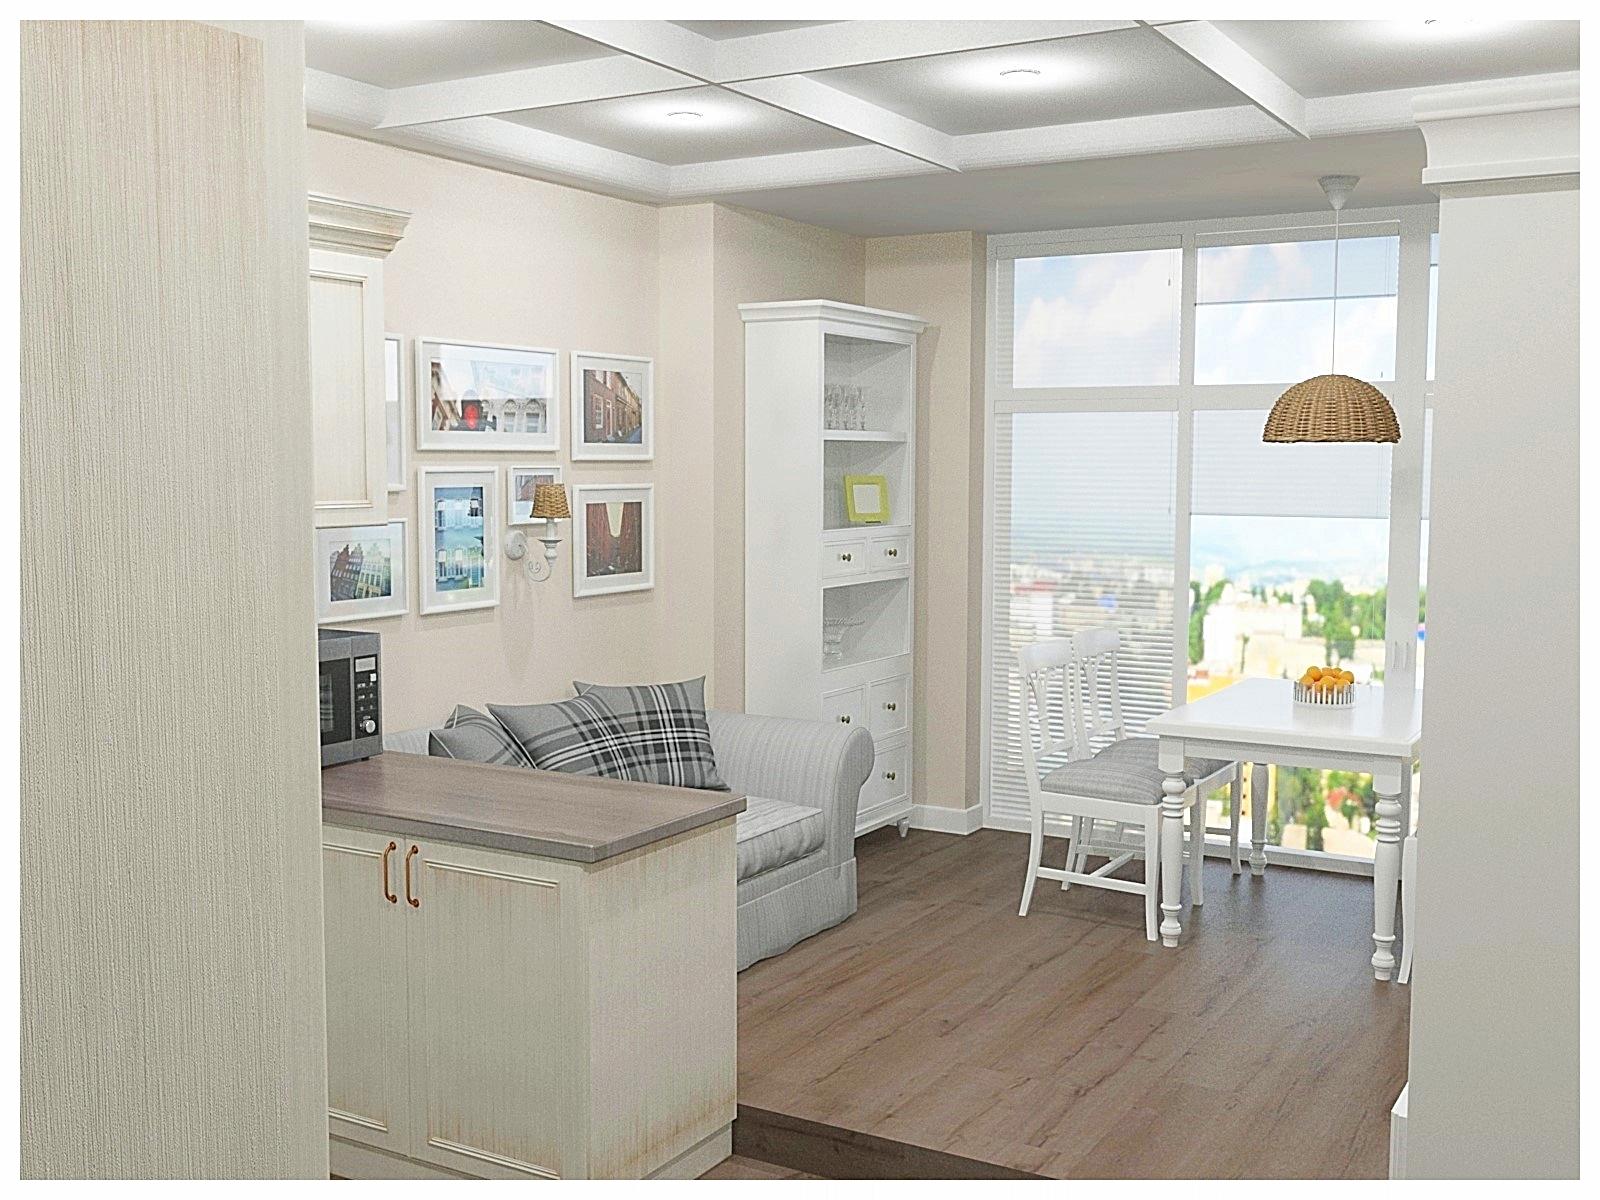 Дизайн интерьеров двухкомнатной квартиры. Гостиная-кухня 3.